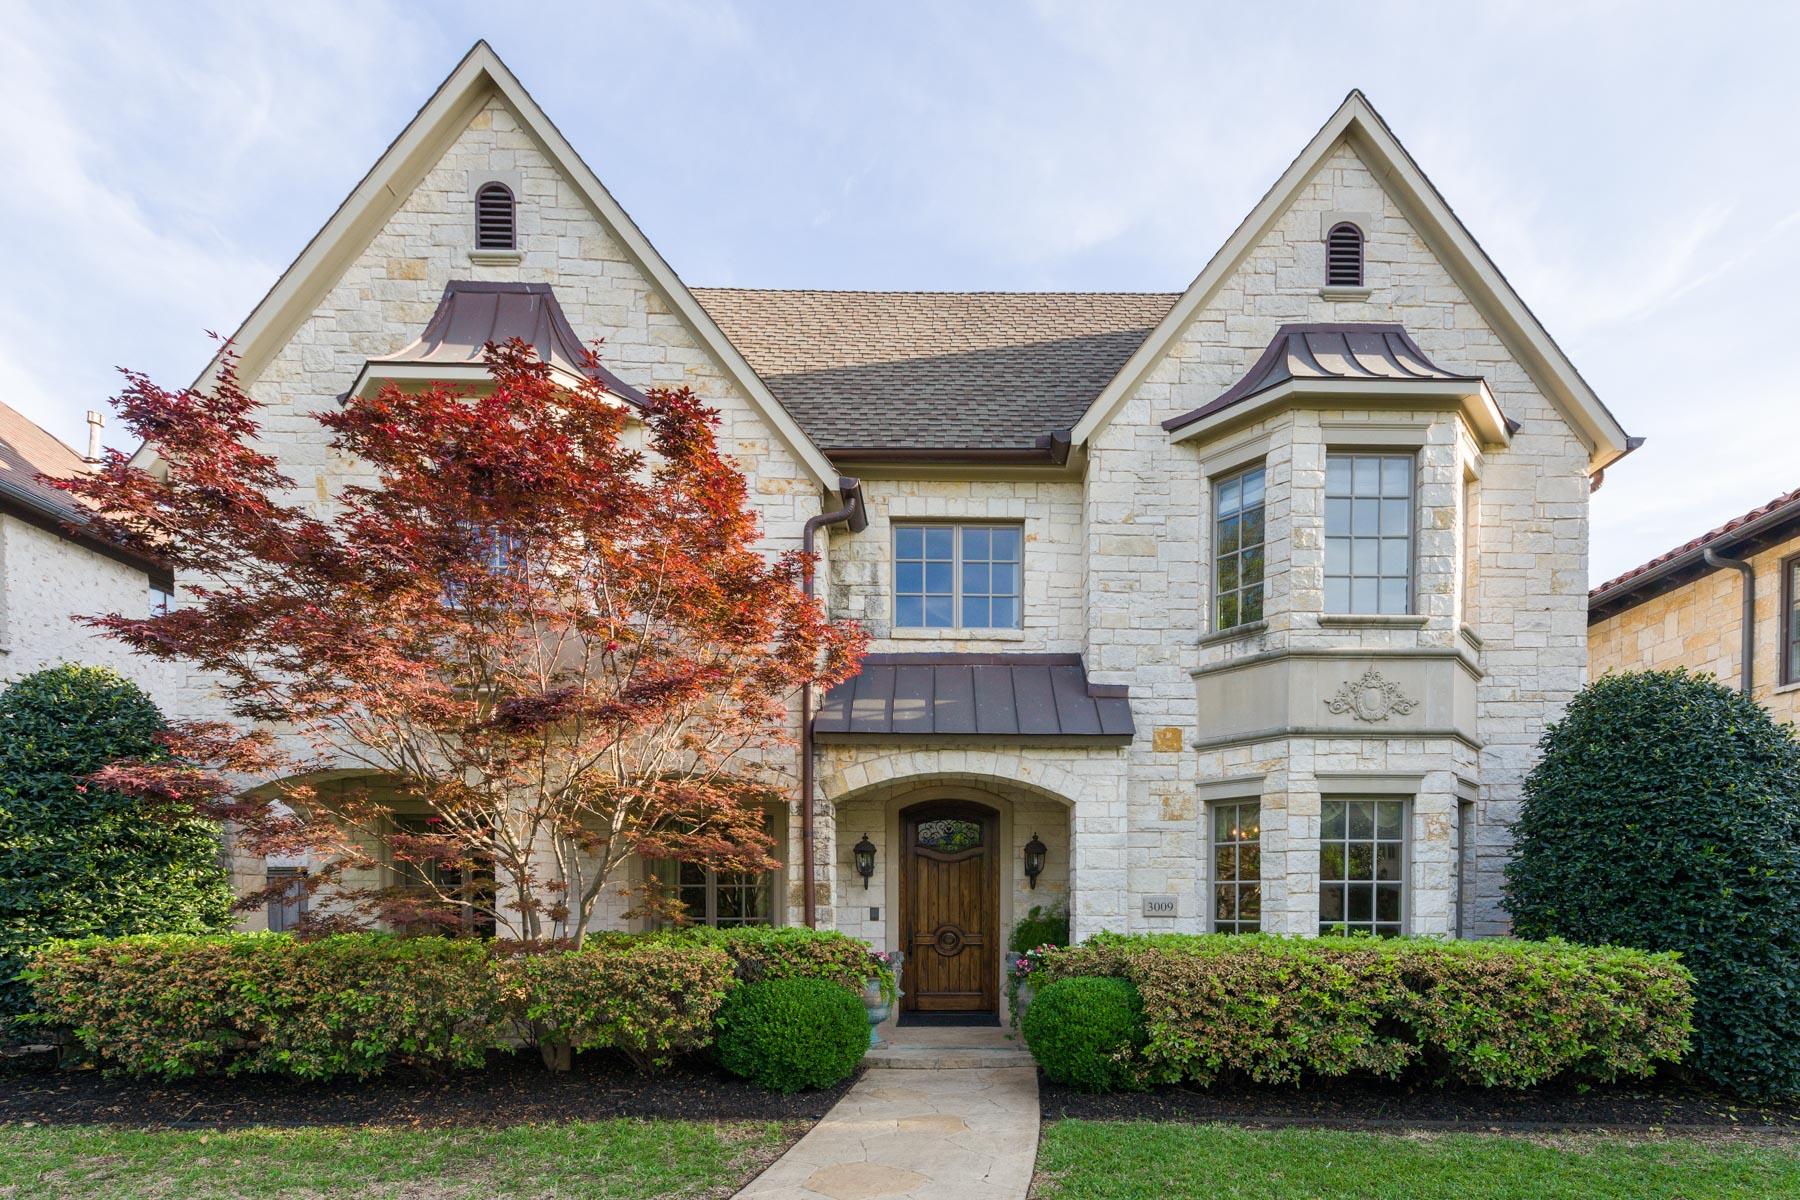 Частный односемейный дом для того Продажа на Lovely Traditional in University Park 3009 Amherst Ave Dallas, Техас, 75225 Соединенные Штаты